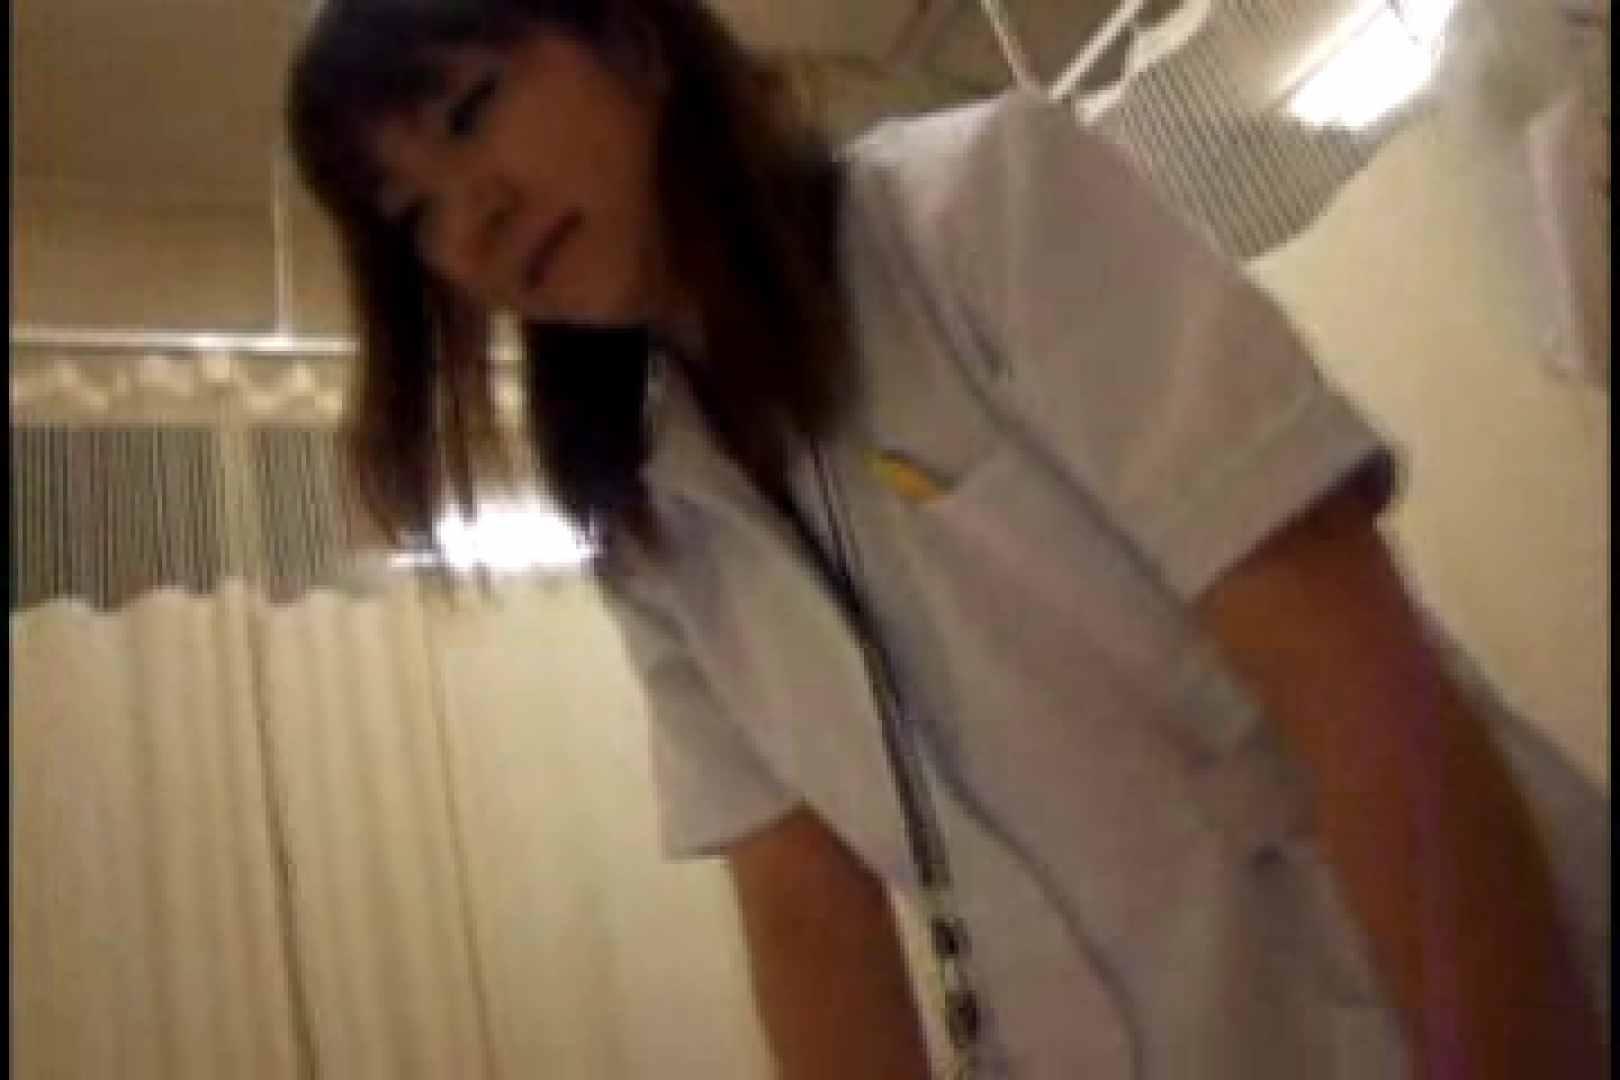 ヤリマンと呼ばれた看護士さんvol1 厠 おまんこ無修正動画無料 71枚 33